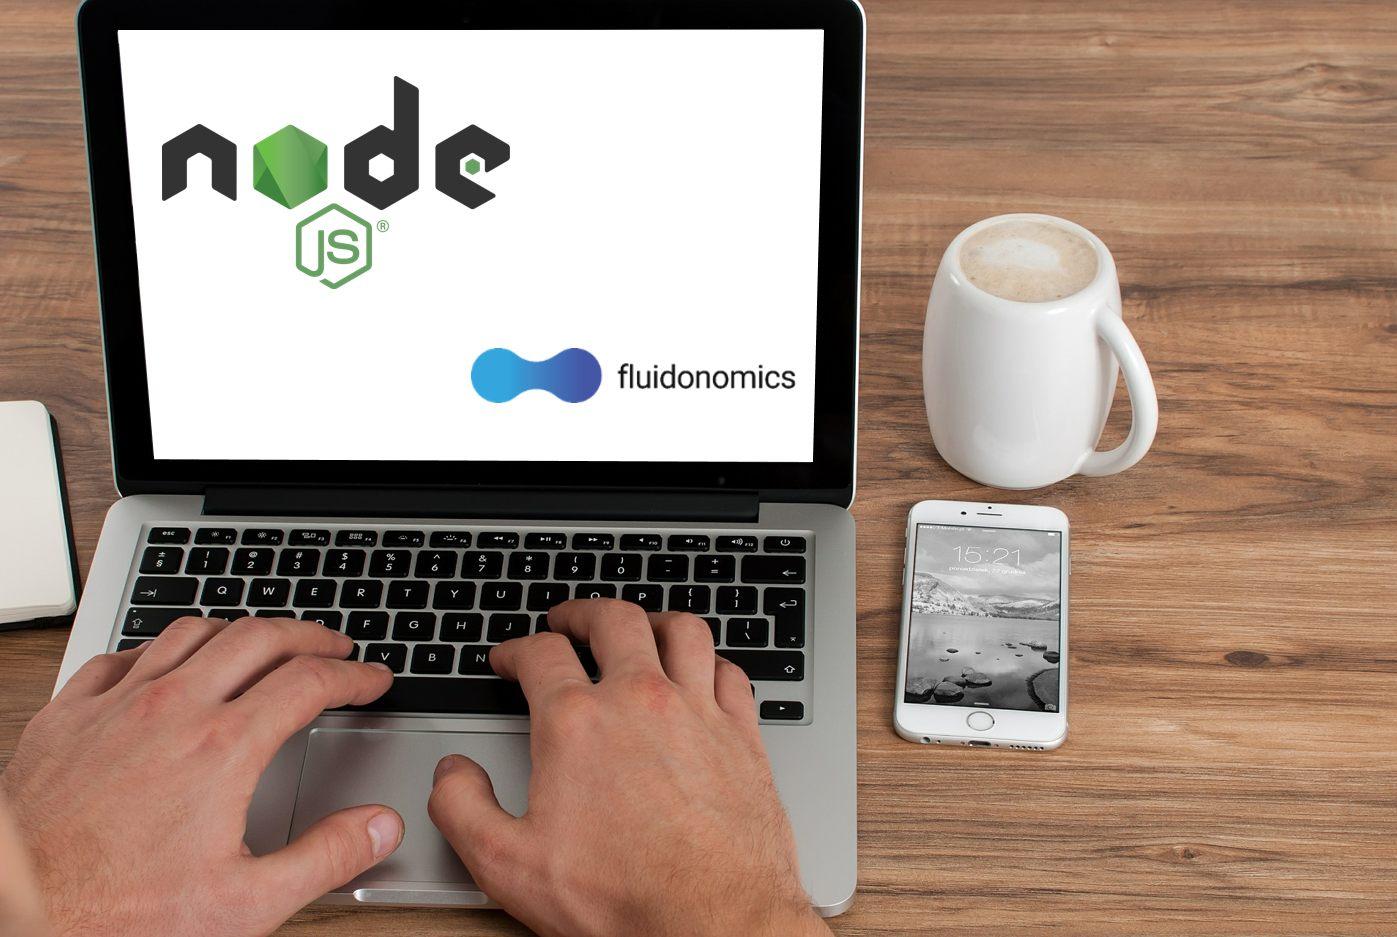 NodeJS | Backend Web Developer | 3+ Years